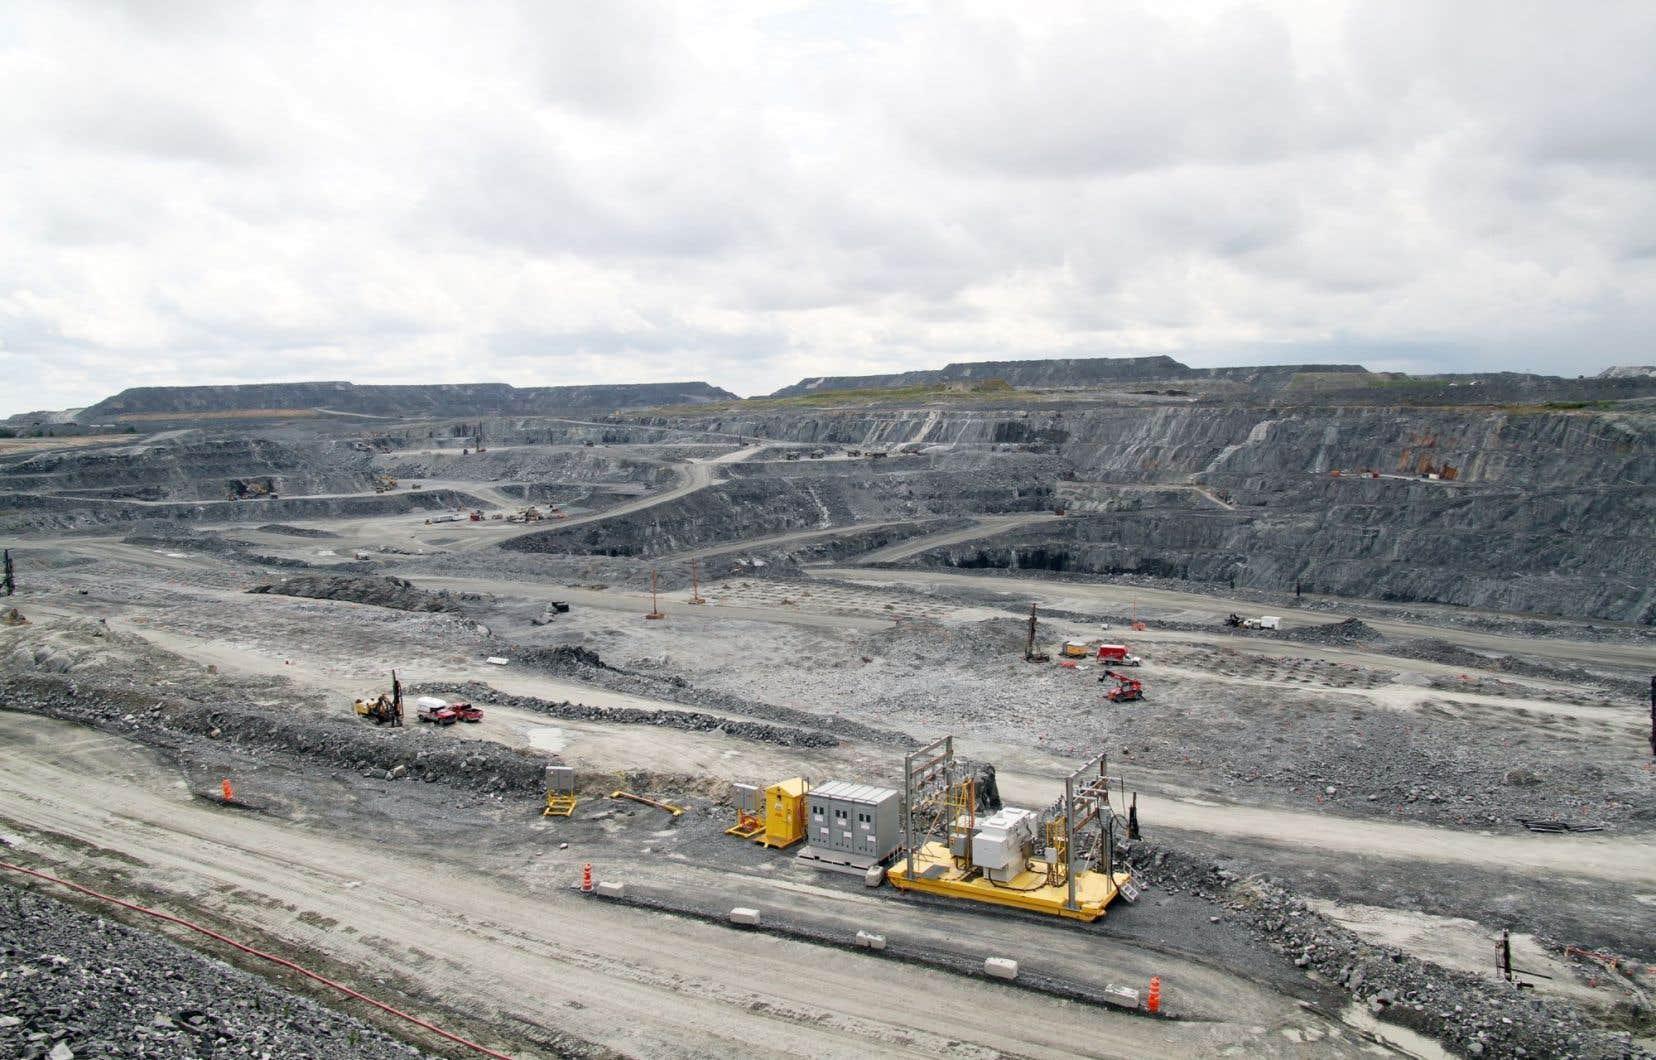 La future mine de Royal Nickel, située en Abitibi, sera deux fois plus grosse que la mine à ciel ouvert de Malartic (notre photo).